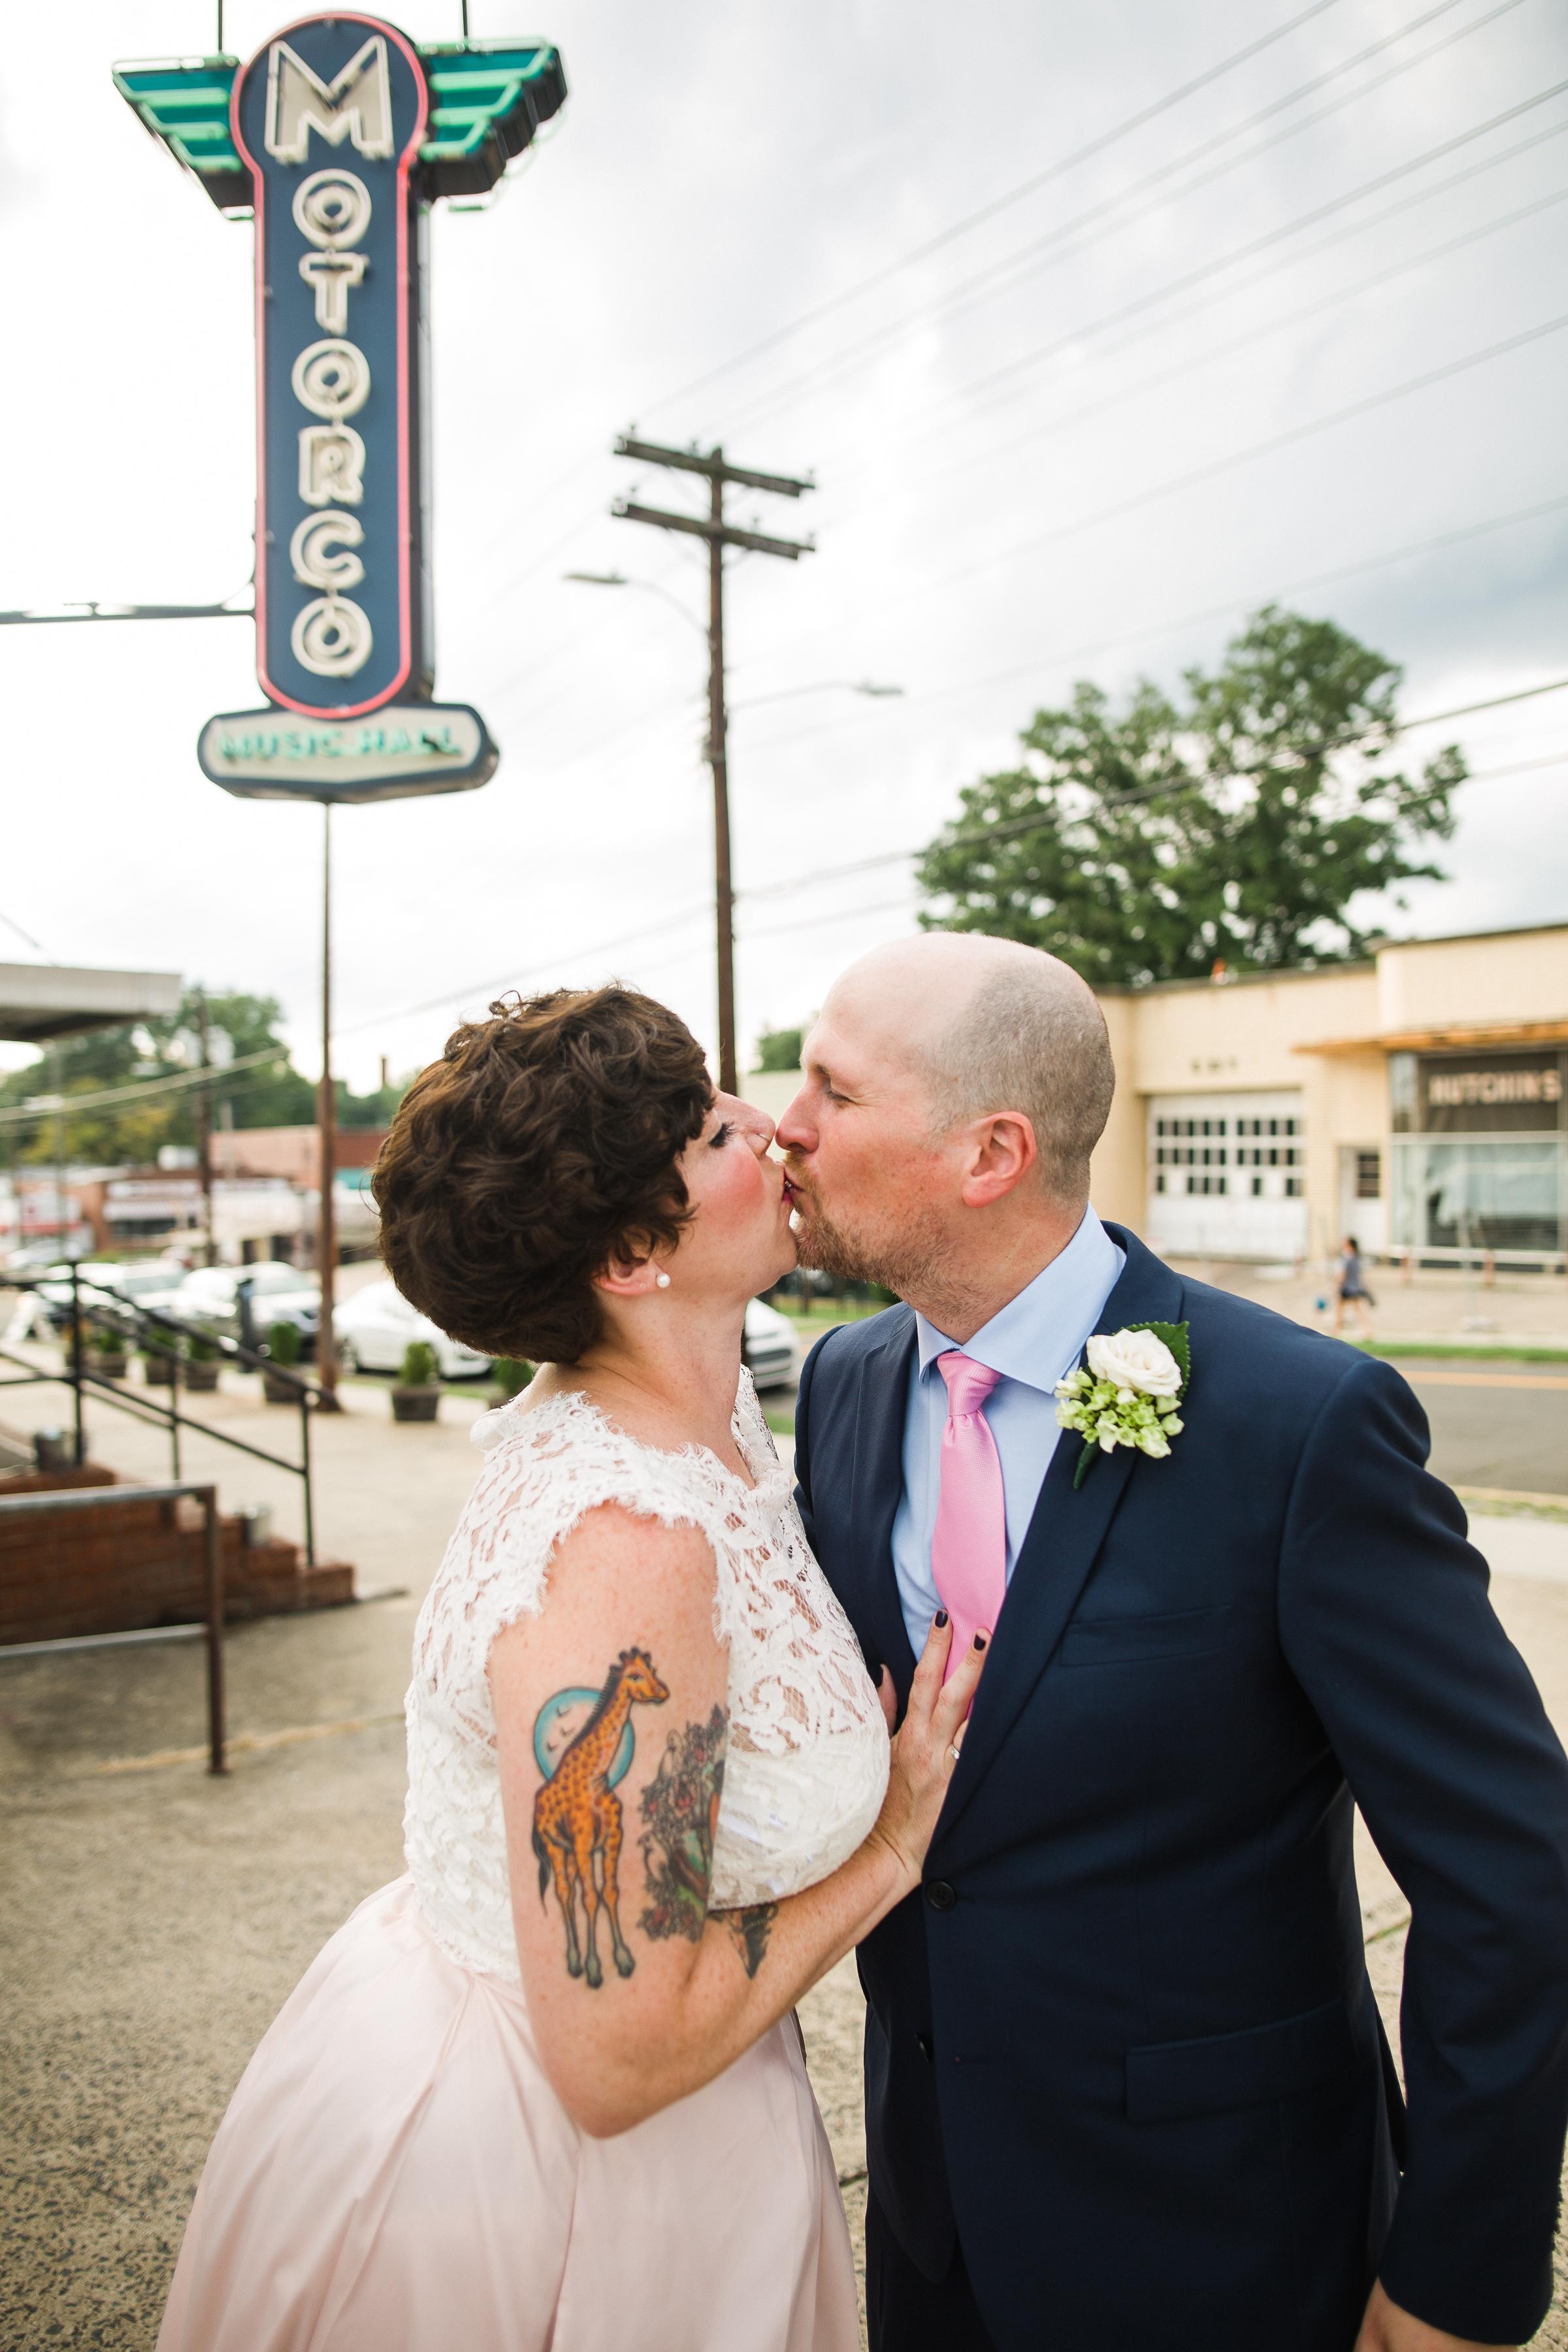 motorco-wedding-photography-zoe-litaker.jpg